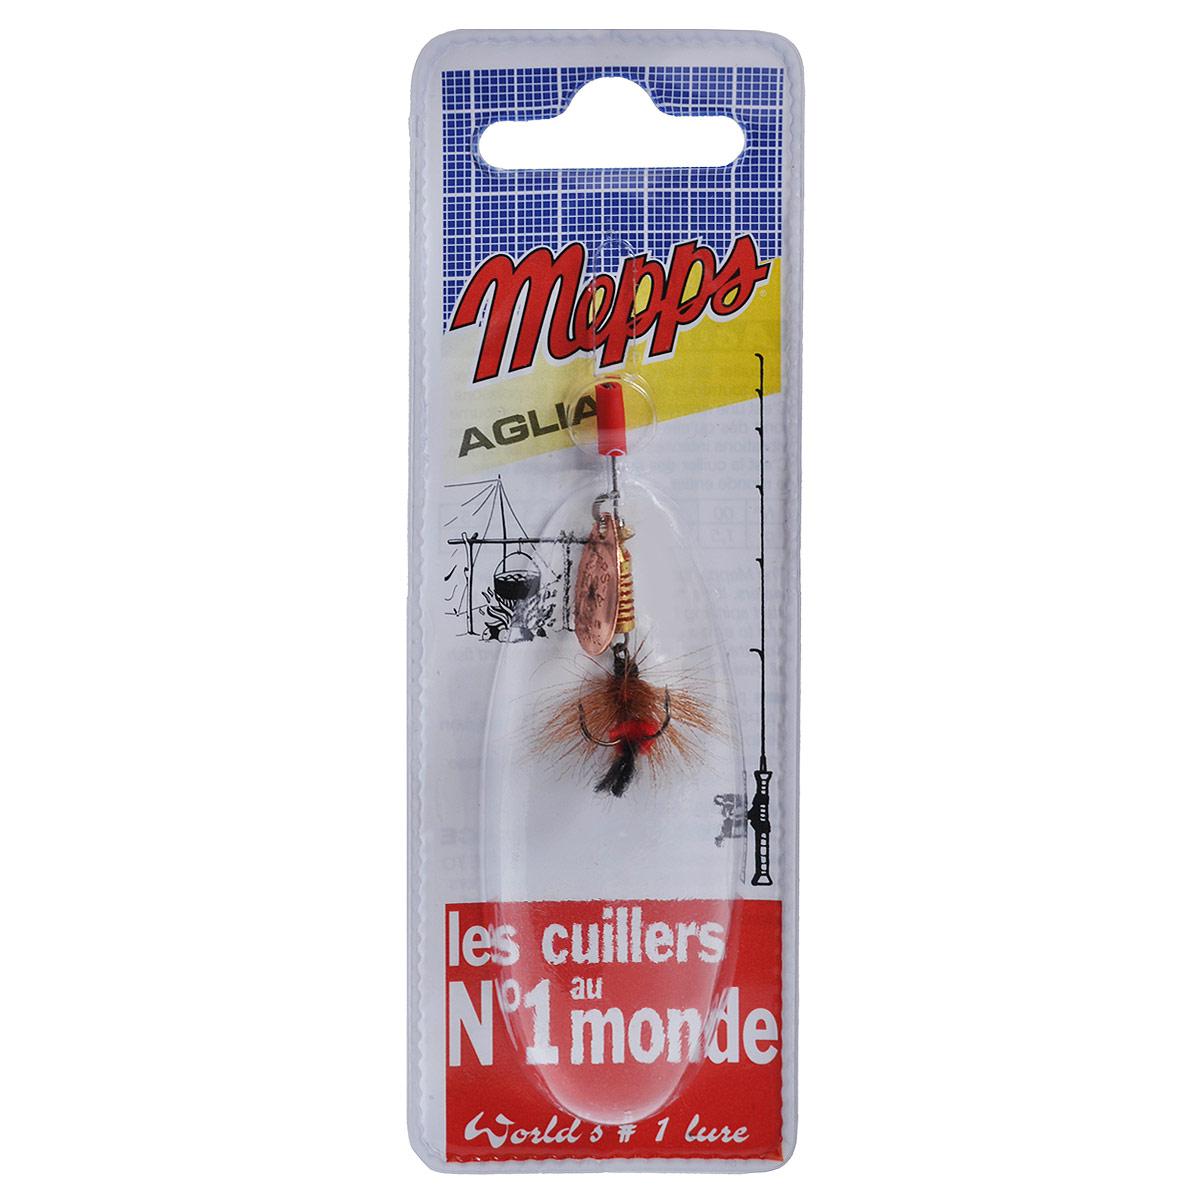 Блесна Mepps Aglia CU Mouch. Rouge, вращающаяся, №005747Вращающаяся блесна Mepps Aglia CU Mouch. Rouge оснащена мушкой из натурального беличьего хвоста, это очень эффективные приманки для ловли жереха, голавля, язя, окуня и других видов рыб, особенно в периоды массового вылета насекомых. Aglia Mouche - некрупная блесна, которая особенно подходит для летней ловли рыбы (особенно осторожной) на мелководье.